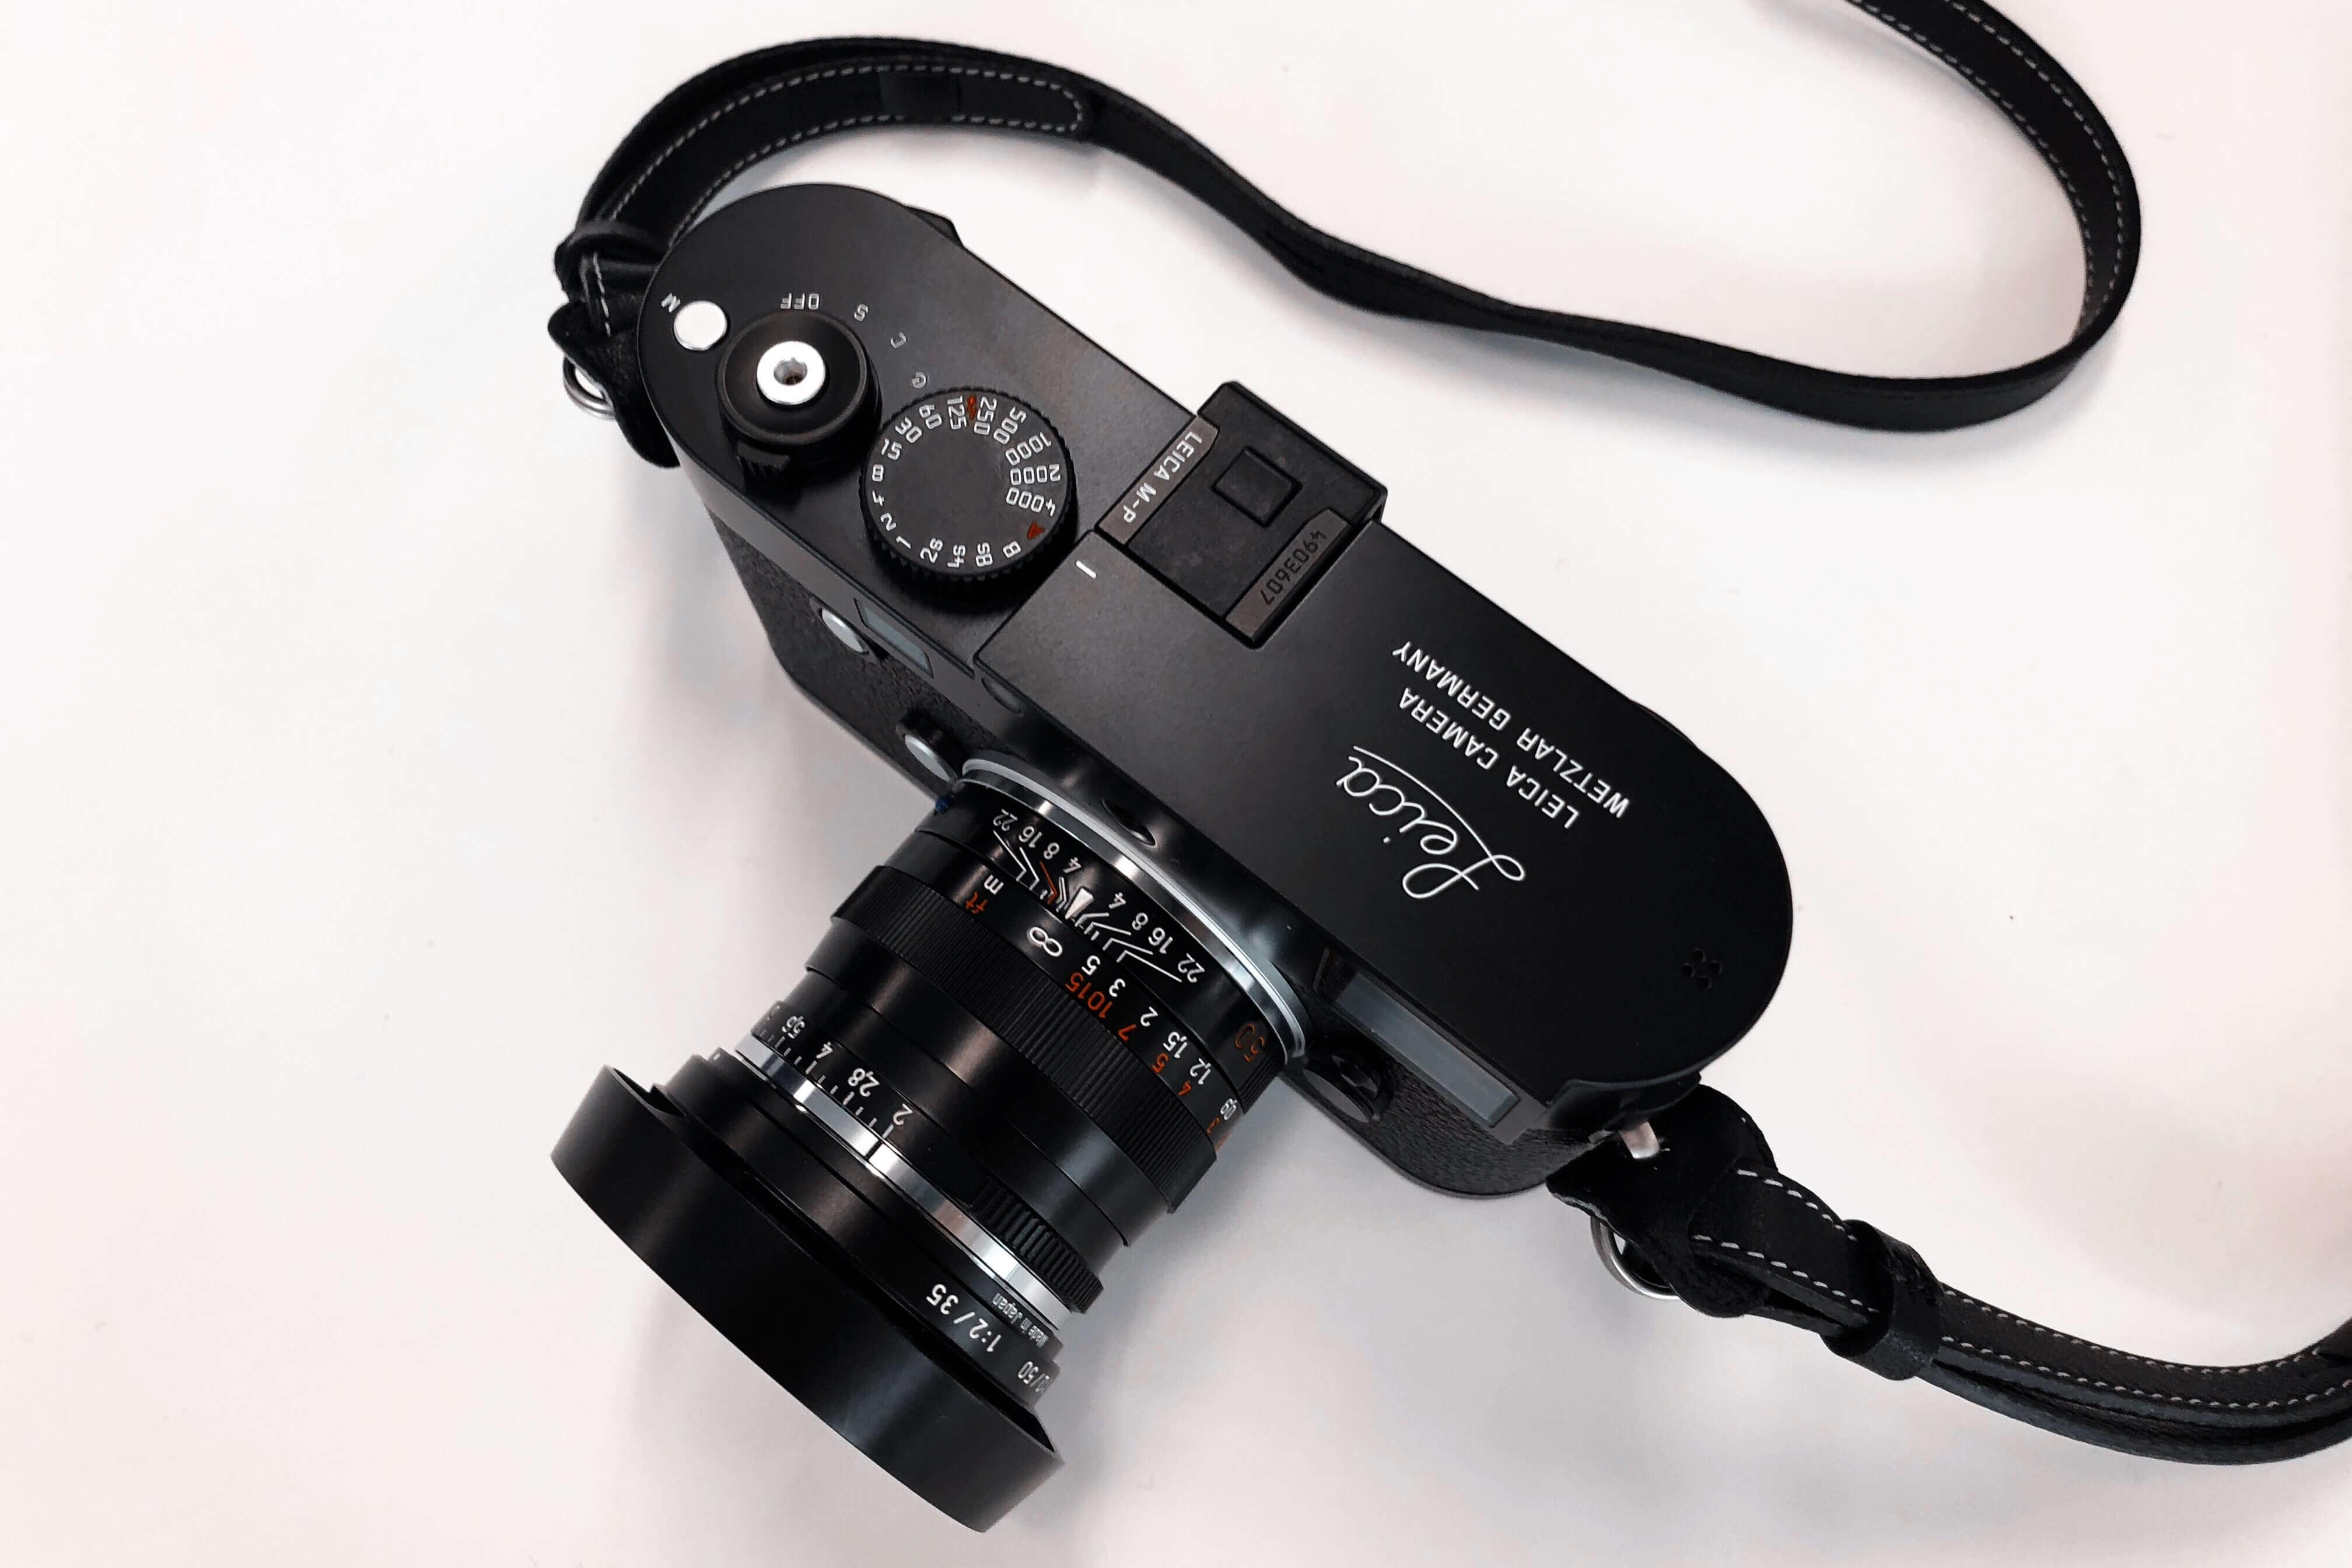 ストリートを撮り続けた先にいたのは、Leica M-P typ240だった。